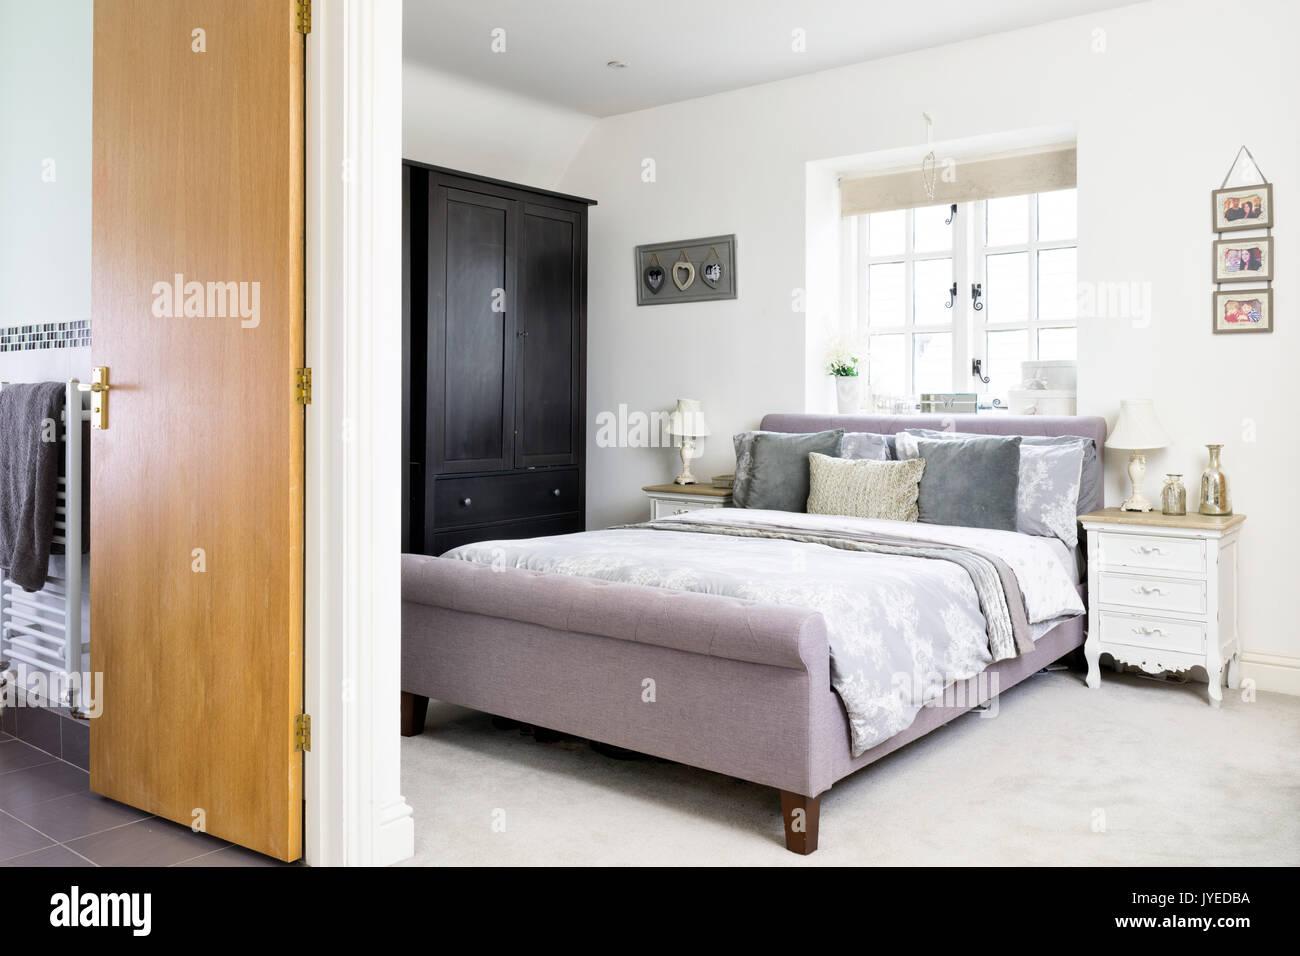 Un grand lit dans une chambre double moderne avec salle de bains. Banque D'Images